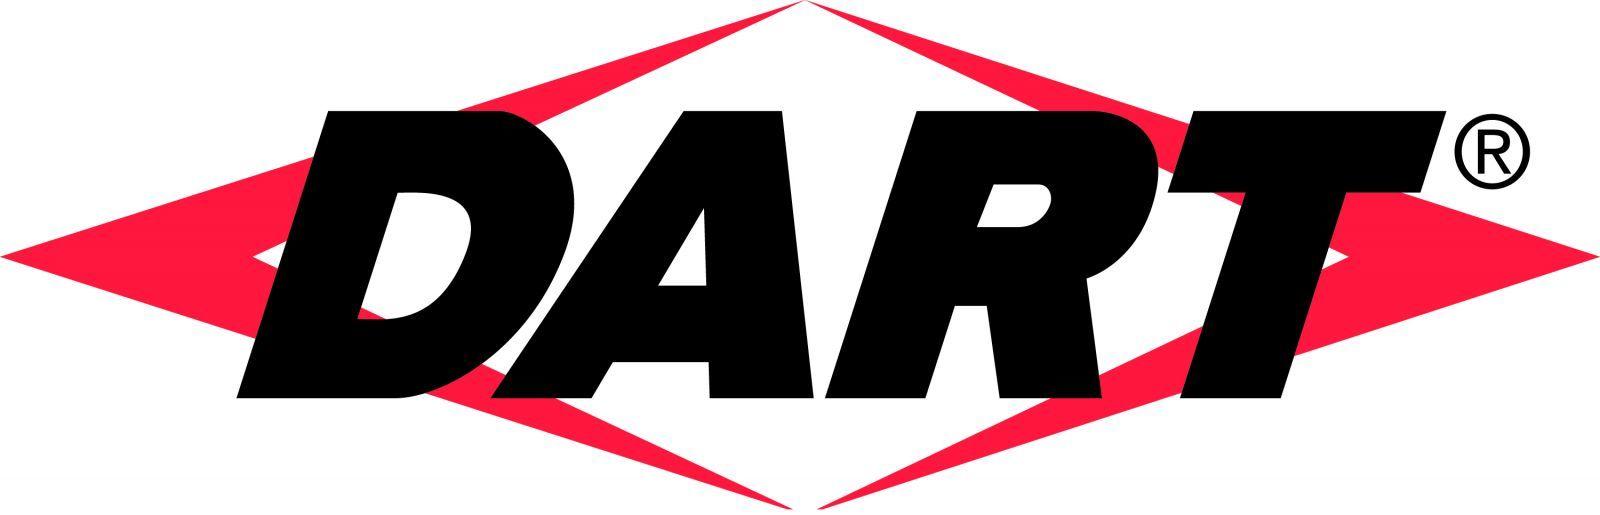 Dart Transit Company company logo